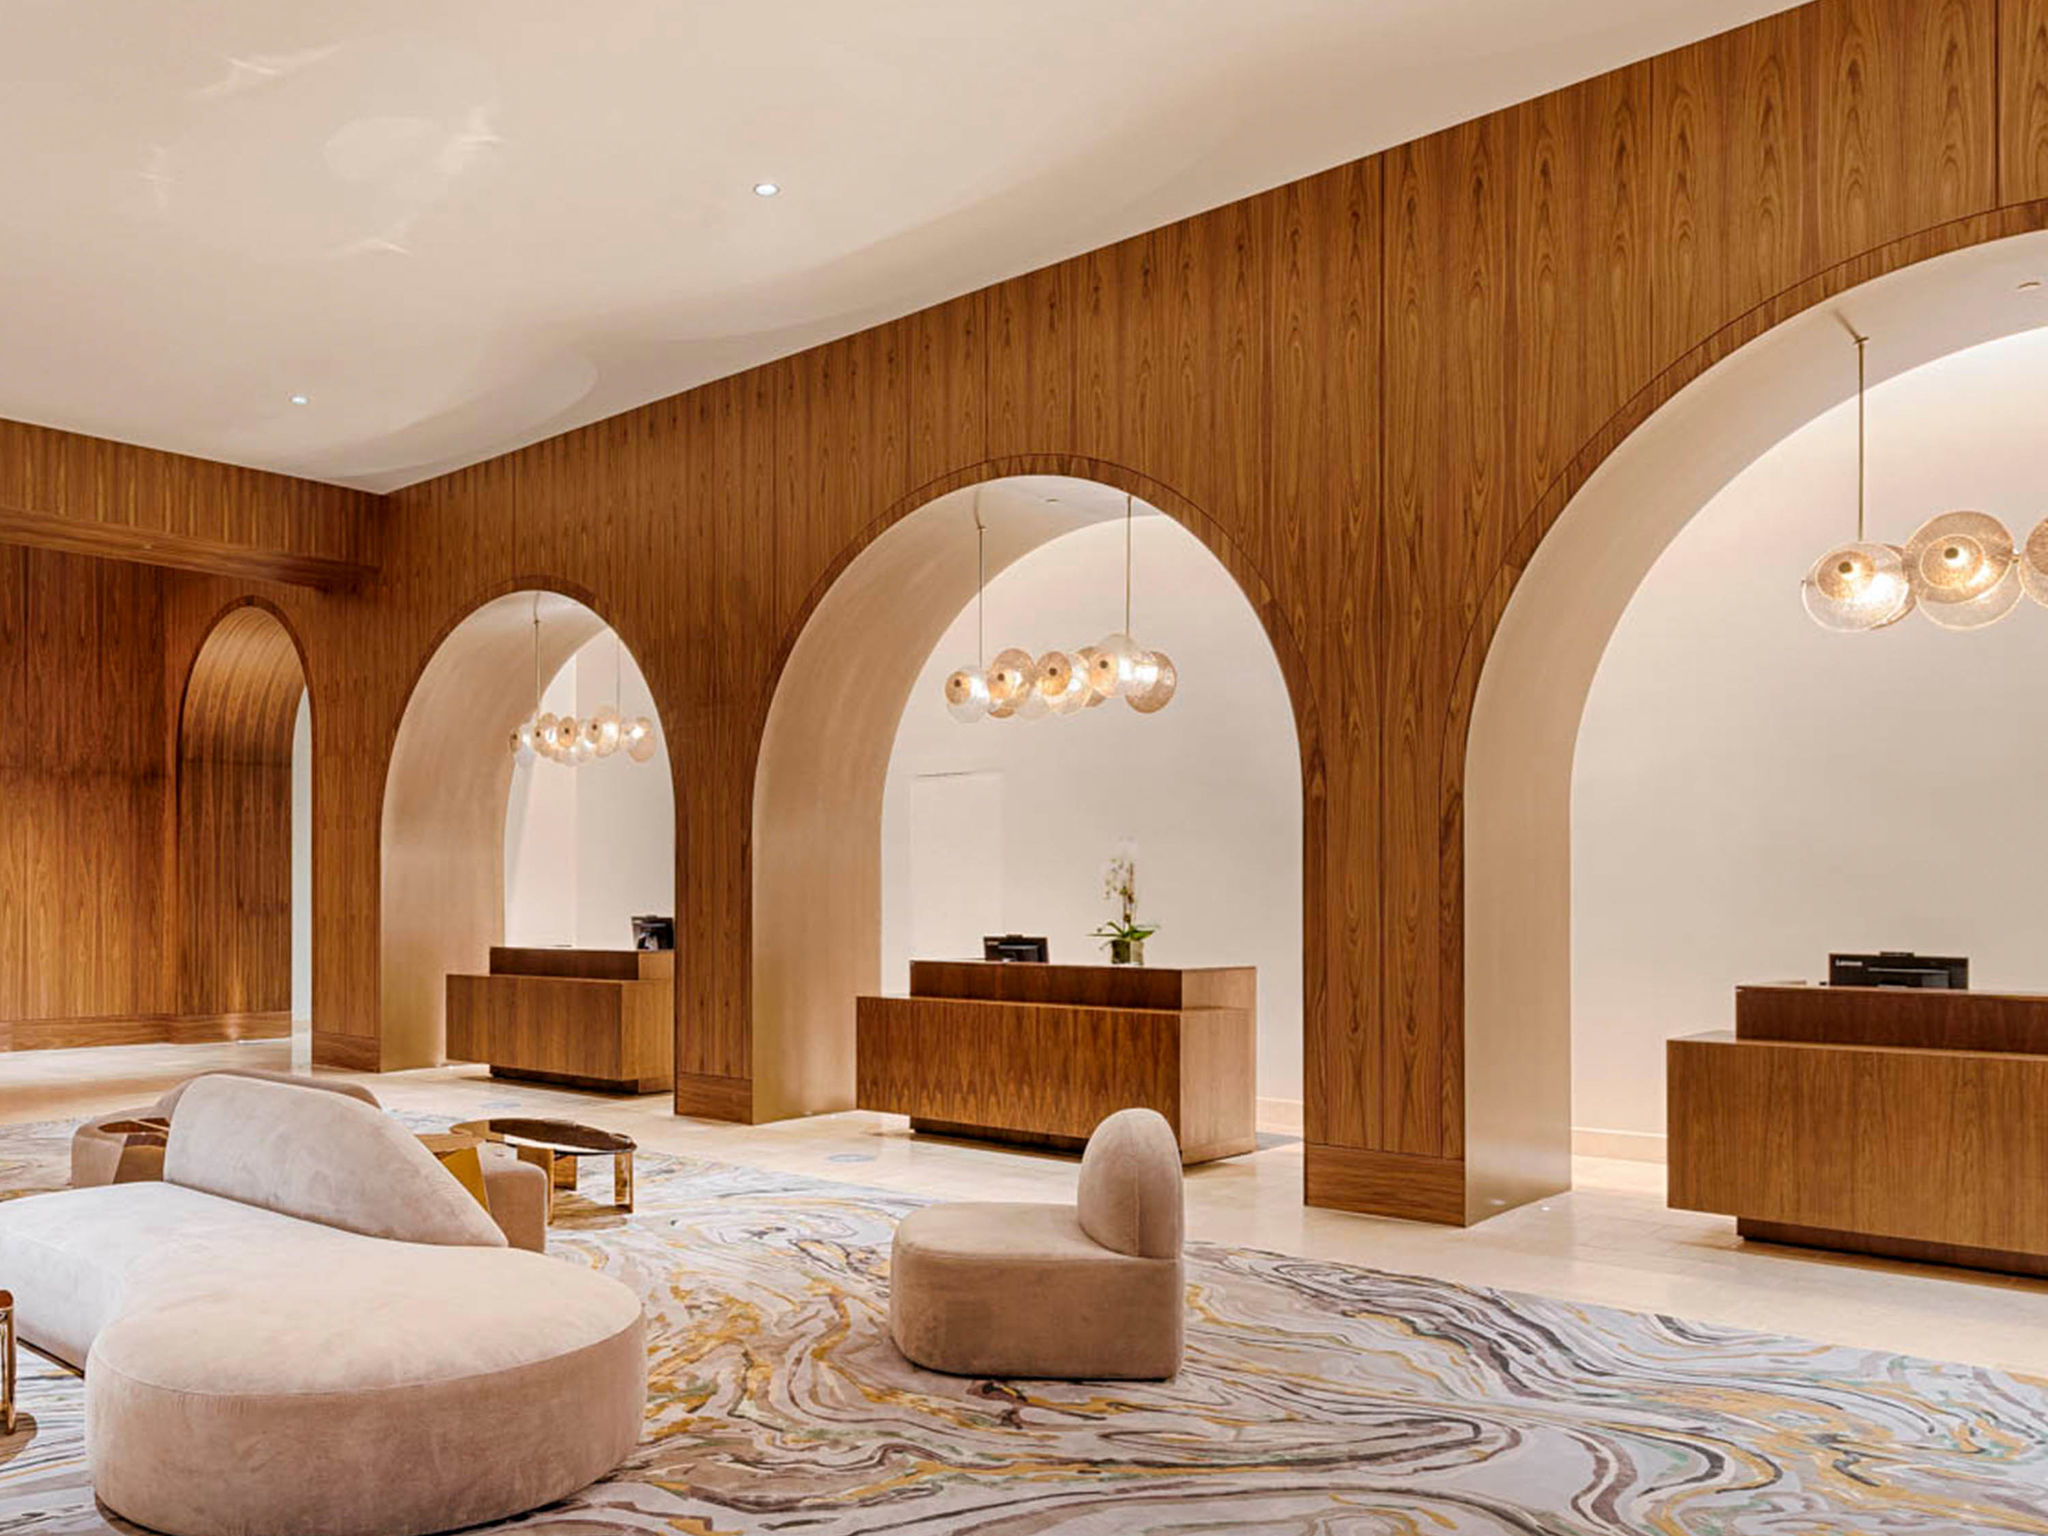 酒店 – Fairmont San Jose 酒店